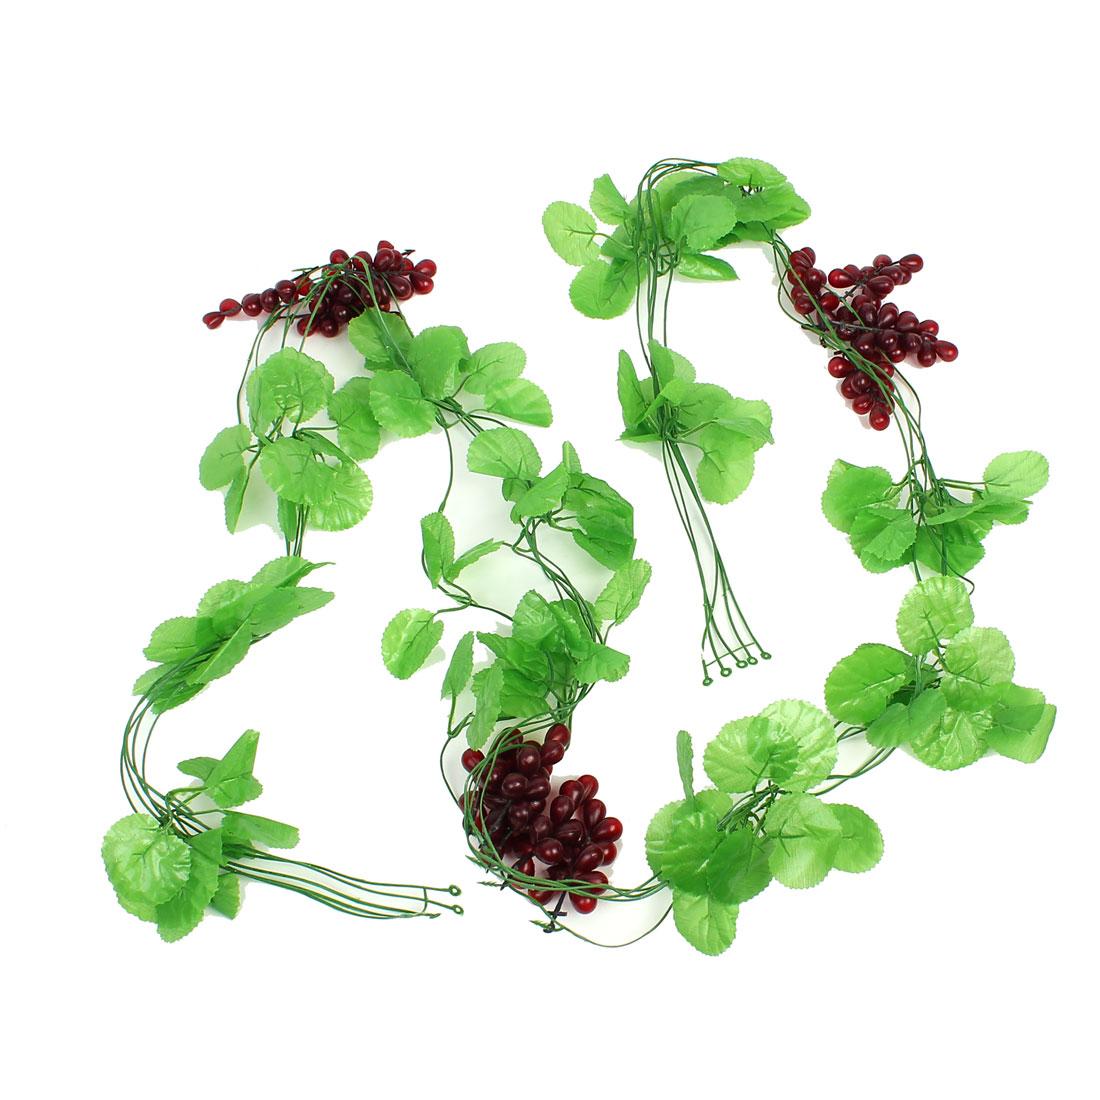 5 Pcs Emulational Green Leaf Purple Grape Fruit Hanging Vine 7.2Ft Length